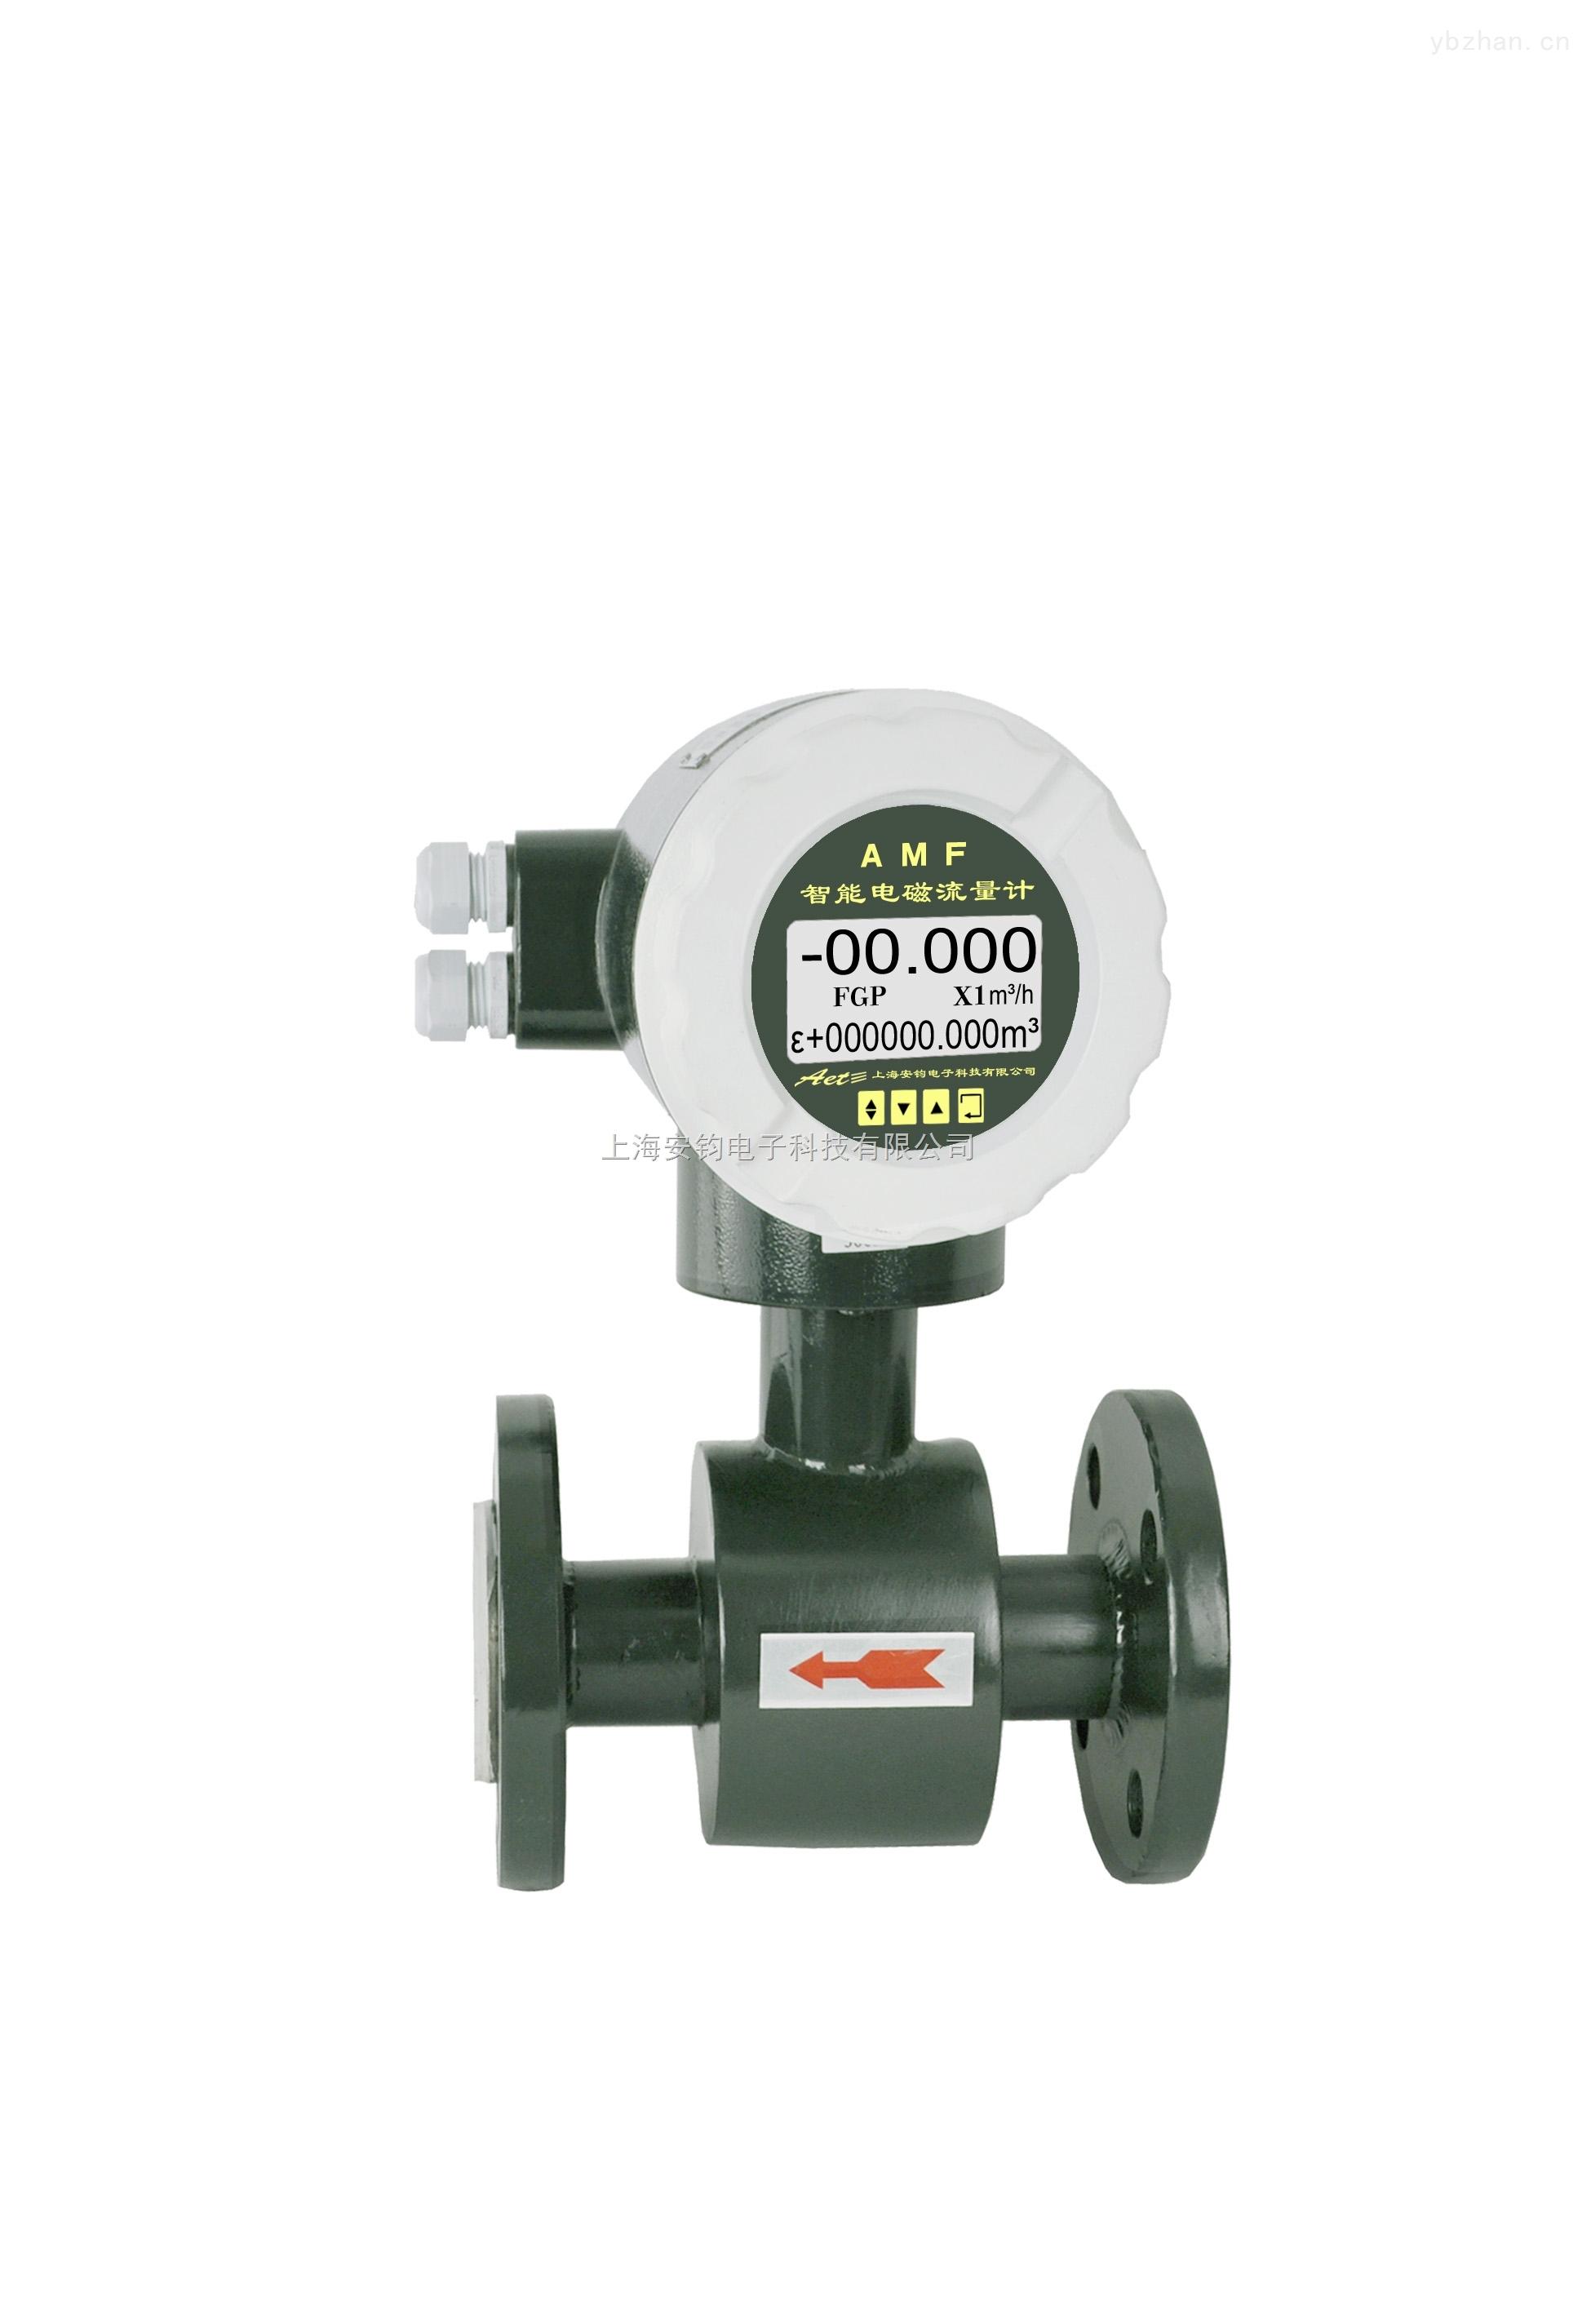 AMF-100-湖南氨水流量計